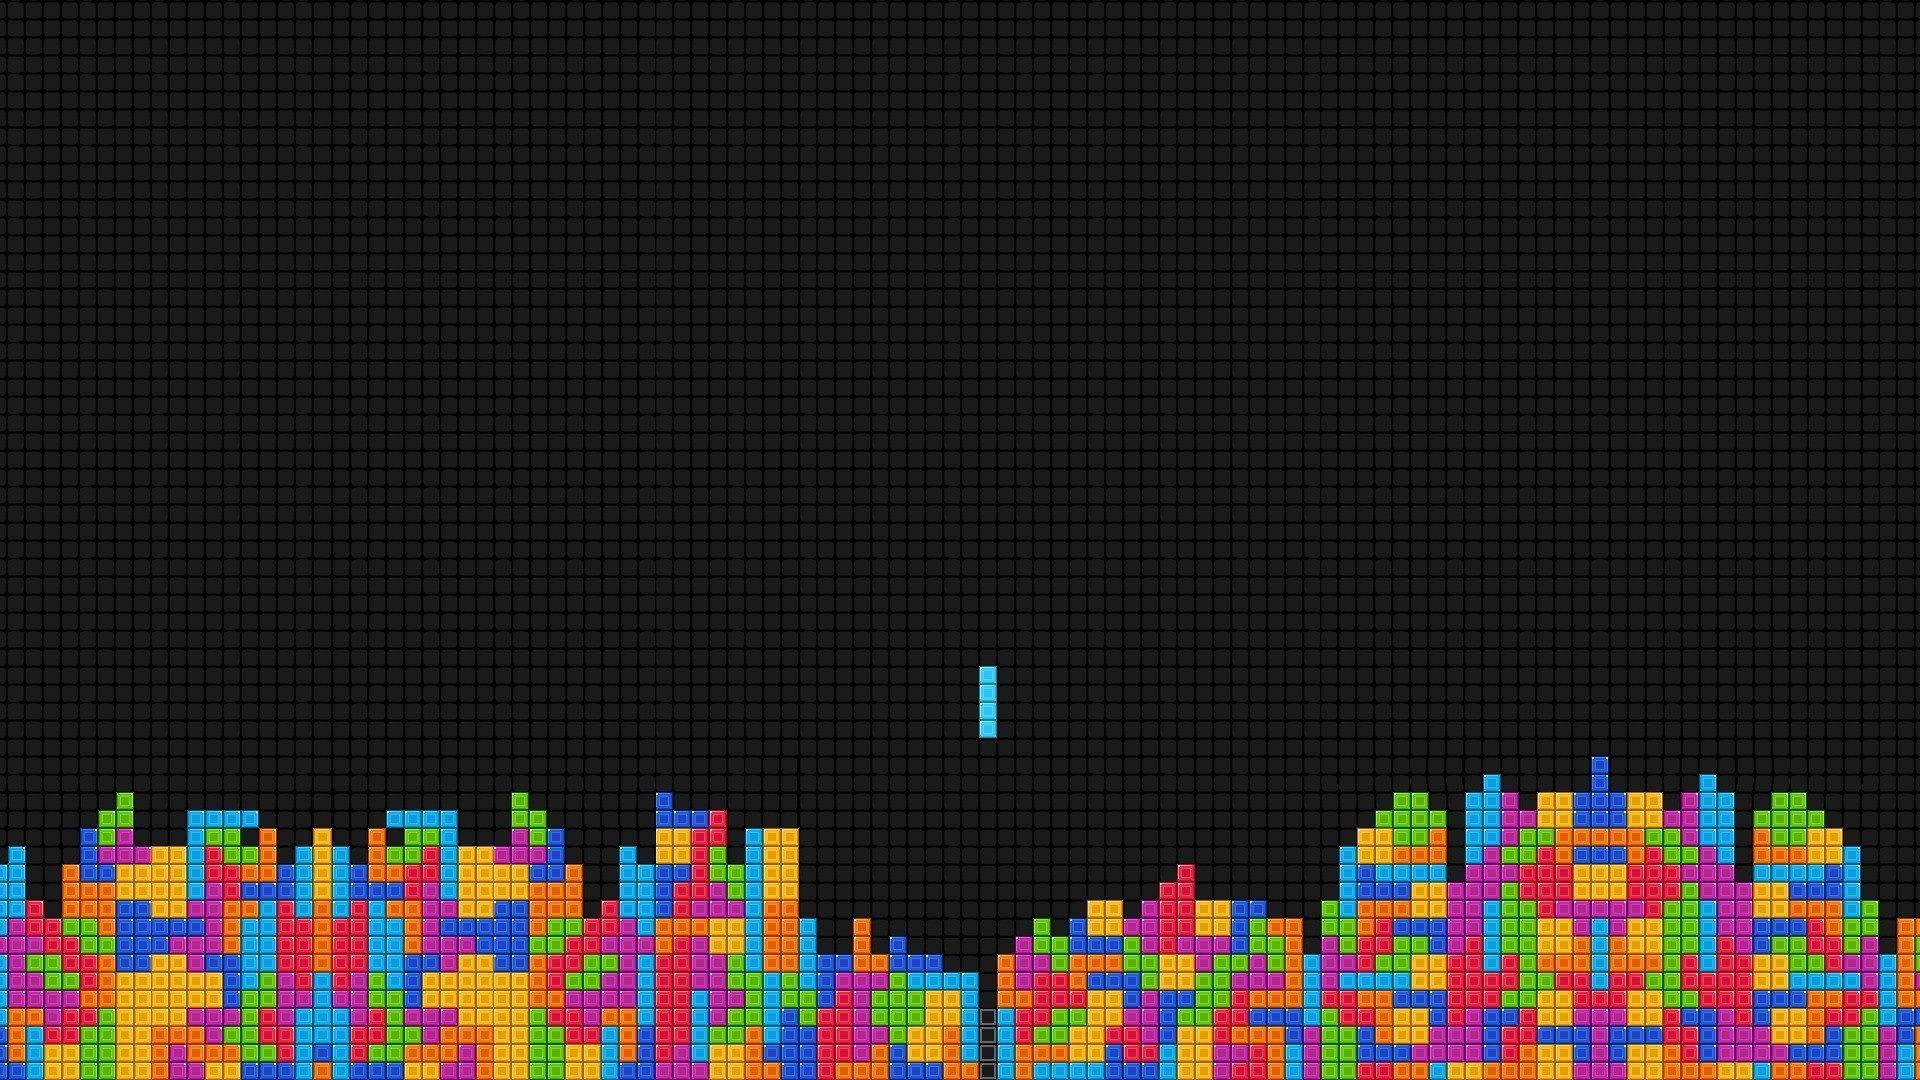 анимация для сайтов картинки игр совсем